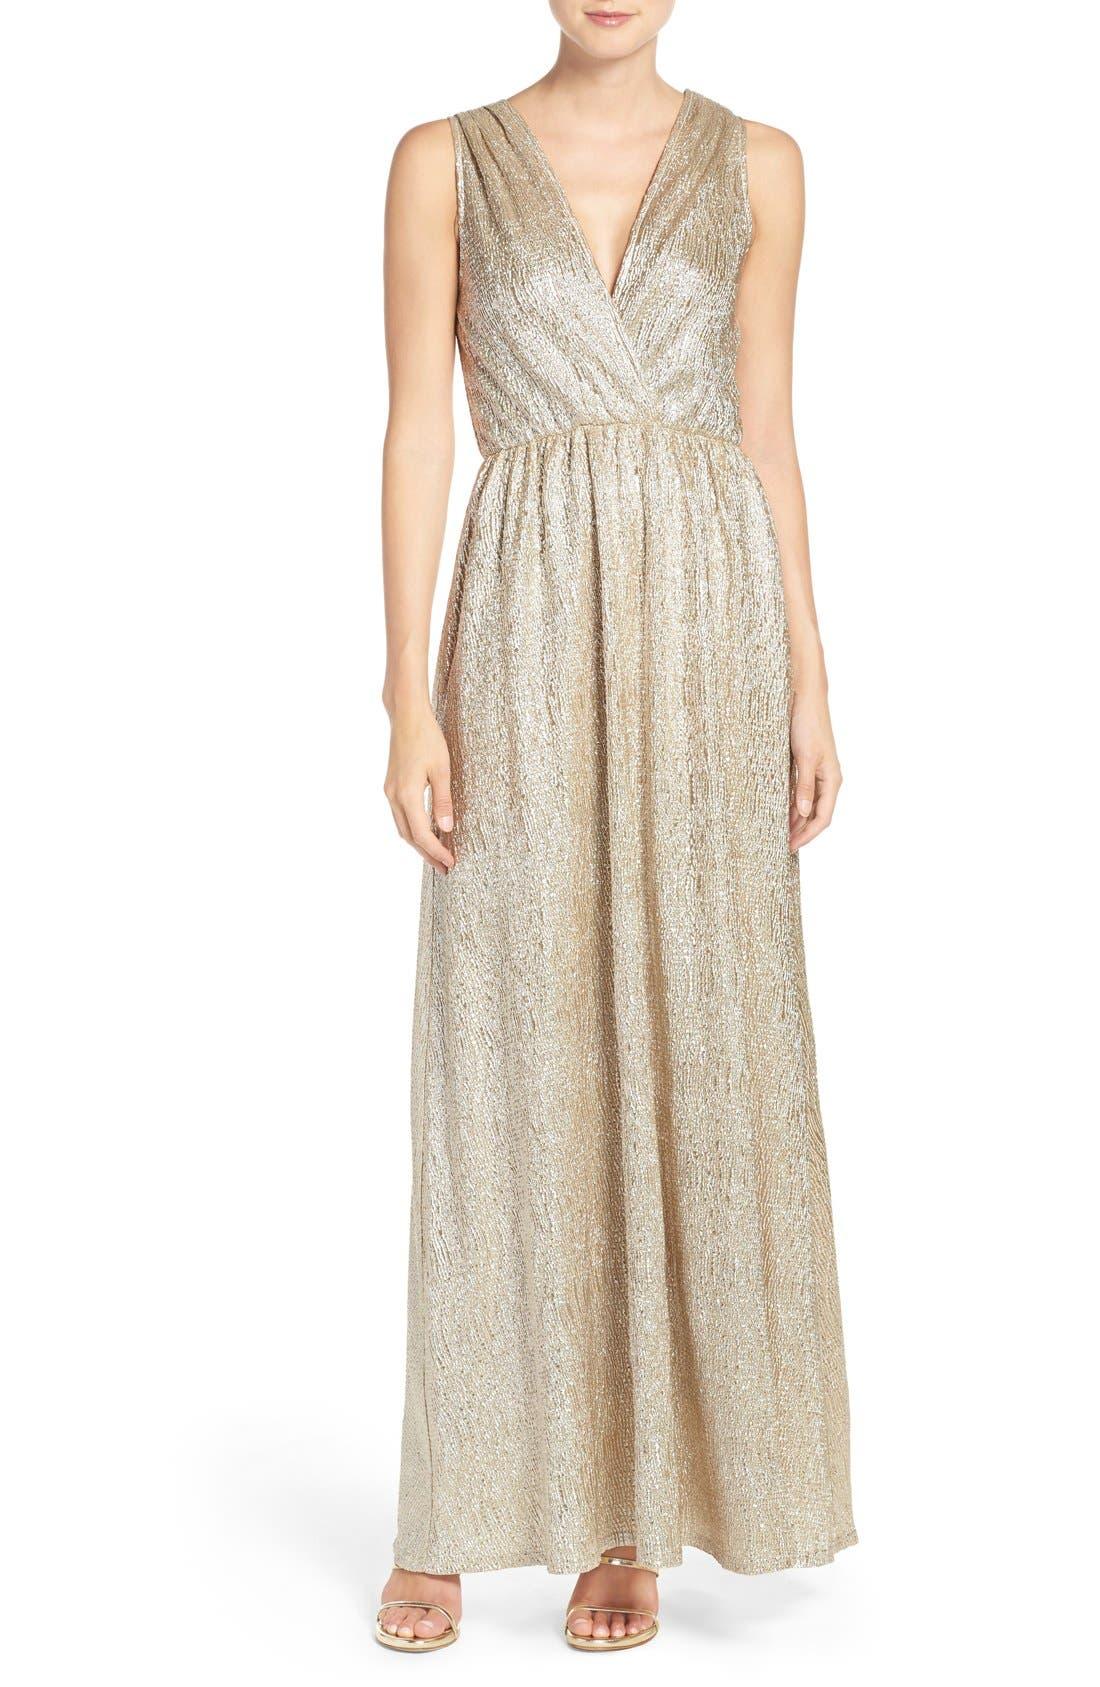 Alternate Image 1 Selected - Lulus Surplice V-Neck Sleeveless Shimmer Gown